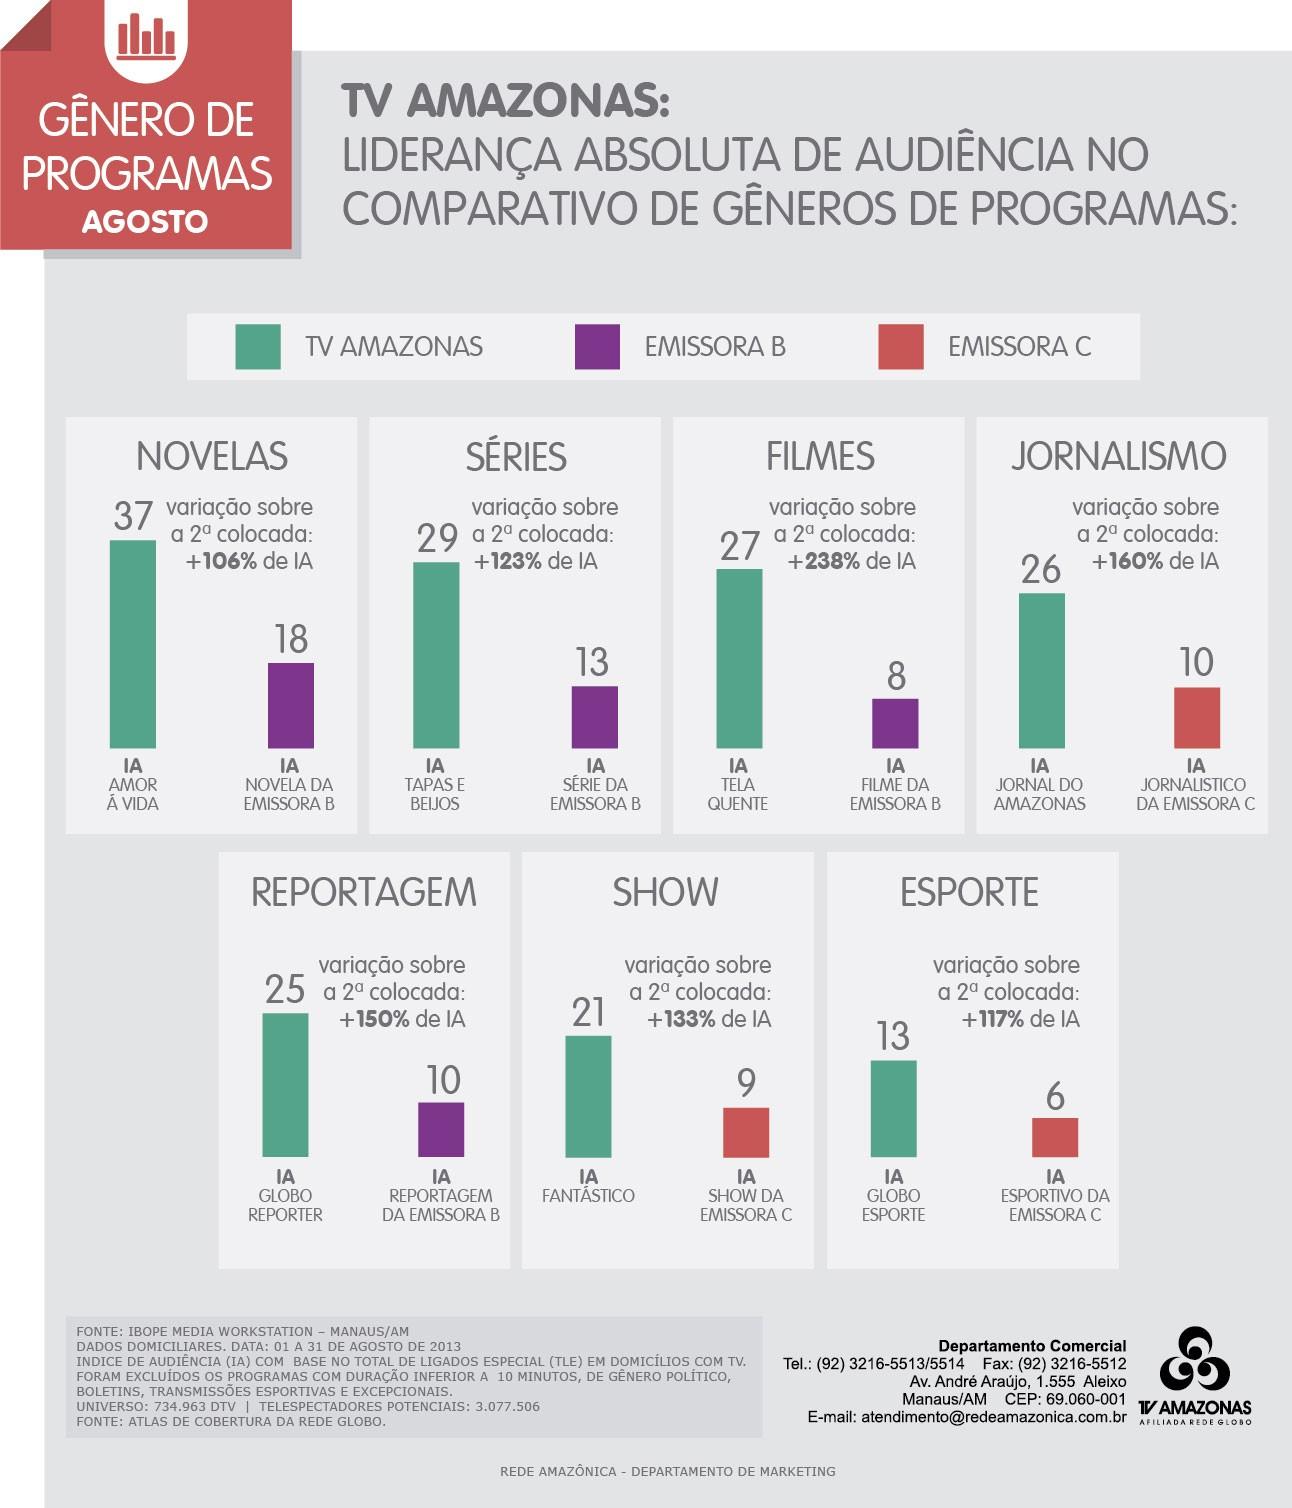 TV Amazonas supera a audiência da concorrência em gêneros de programas (Foto: TV Amazonas)